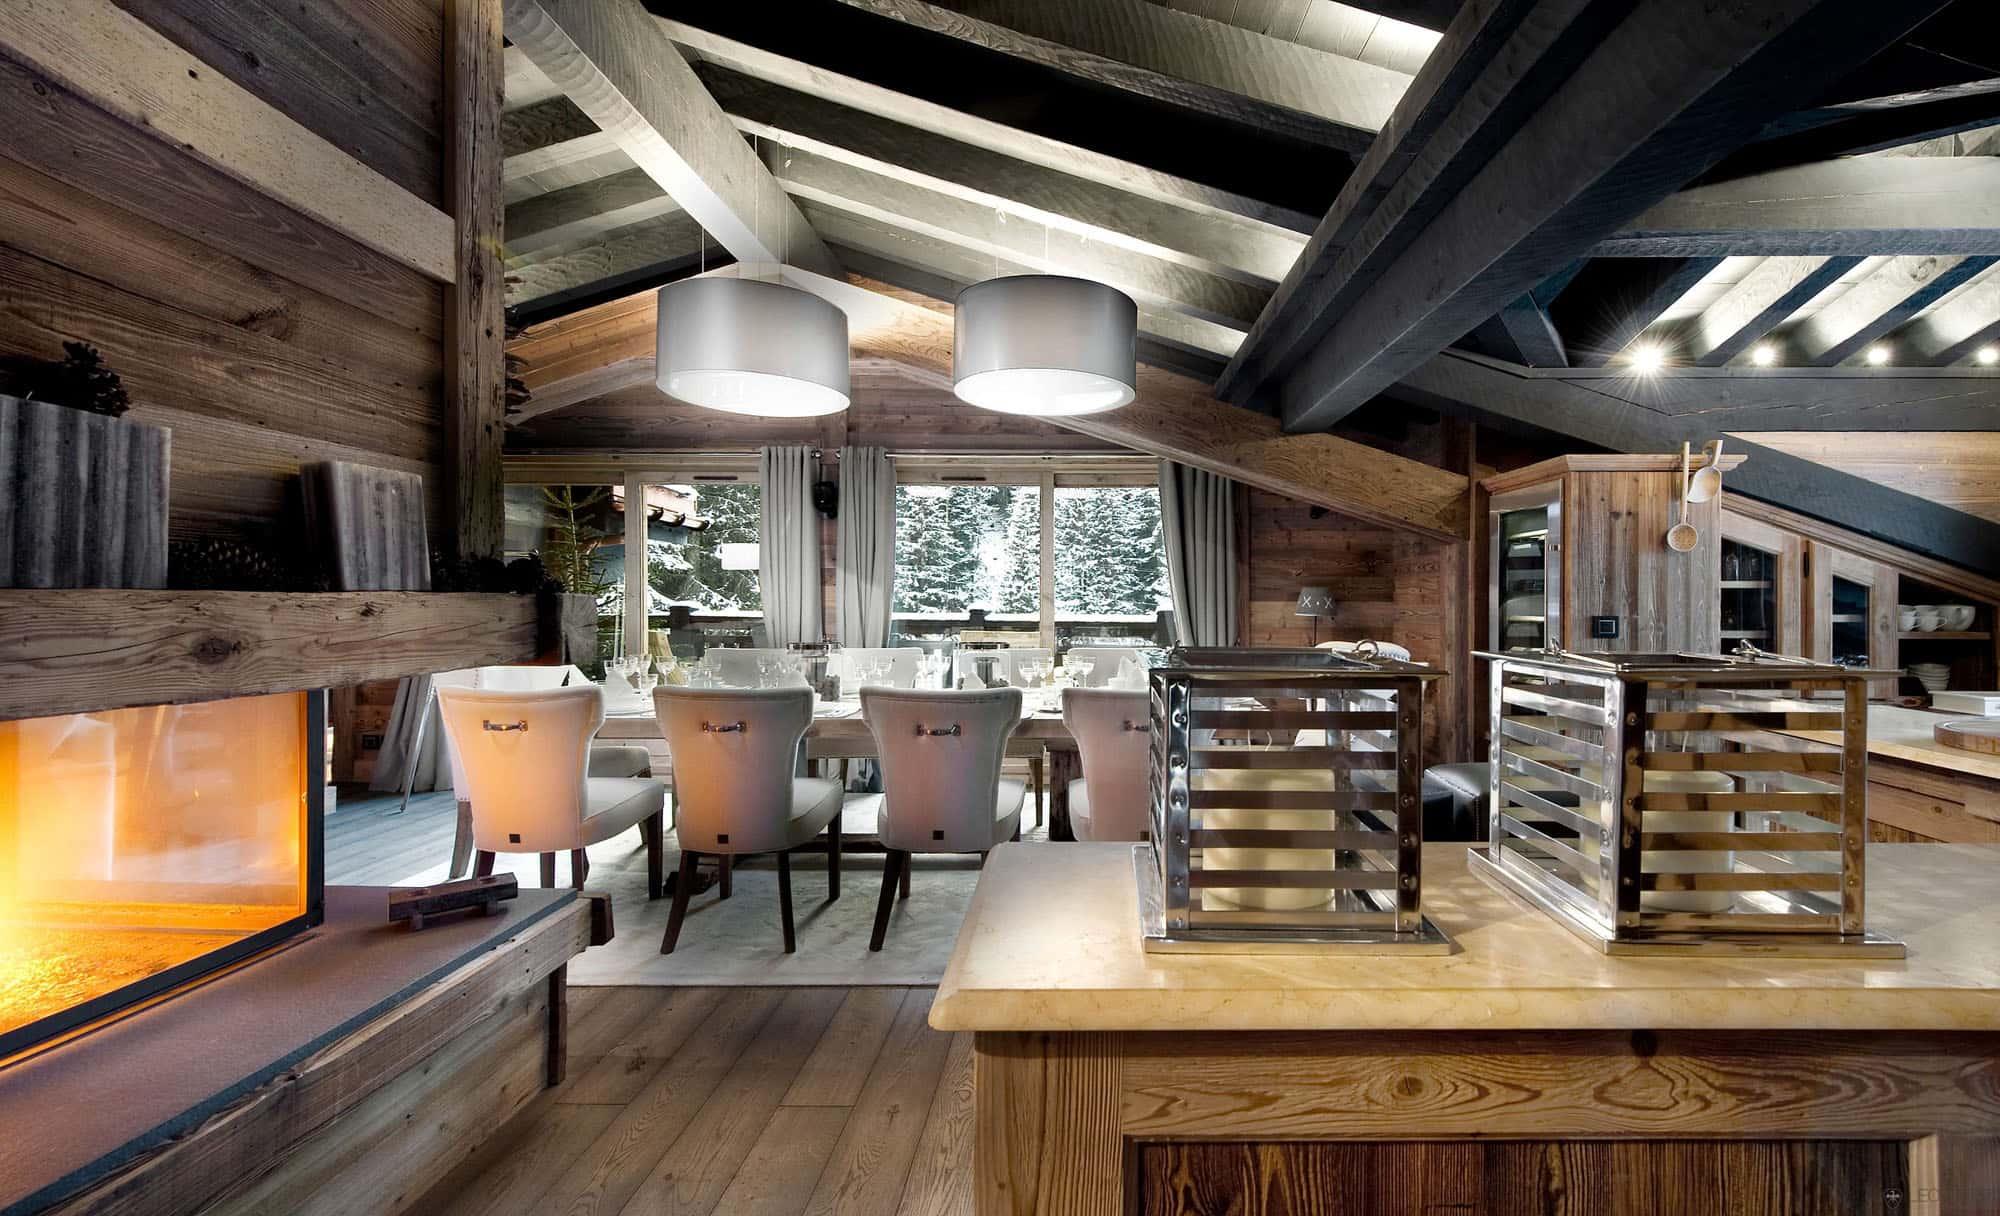 Деревянные балки выкрашенные в темный цвет хорошо контрастируют с другими элементами интерьера